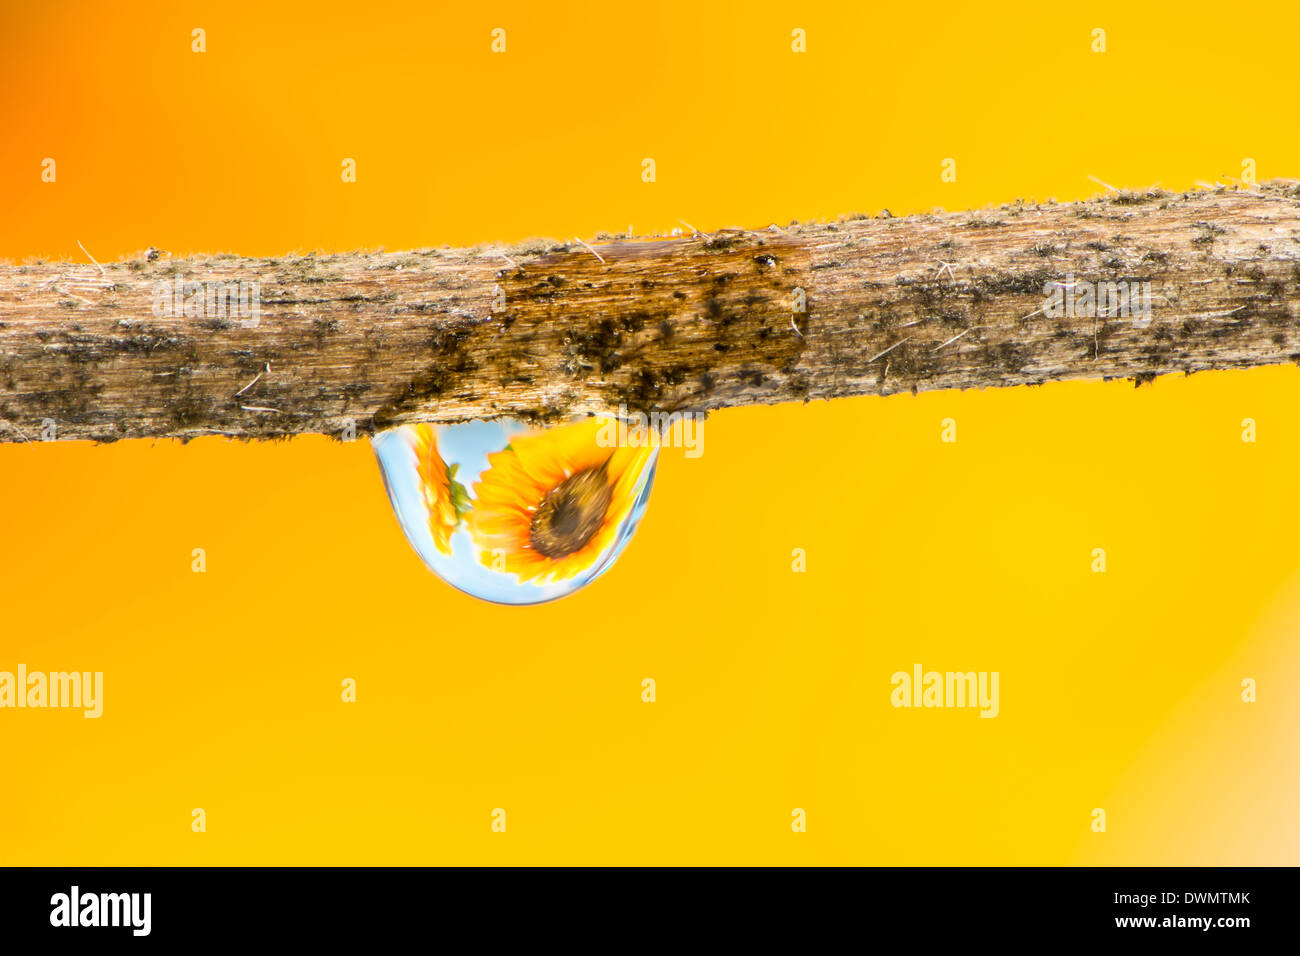 La réfraction dans une goutte de fleur Photo Stock